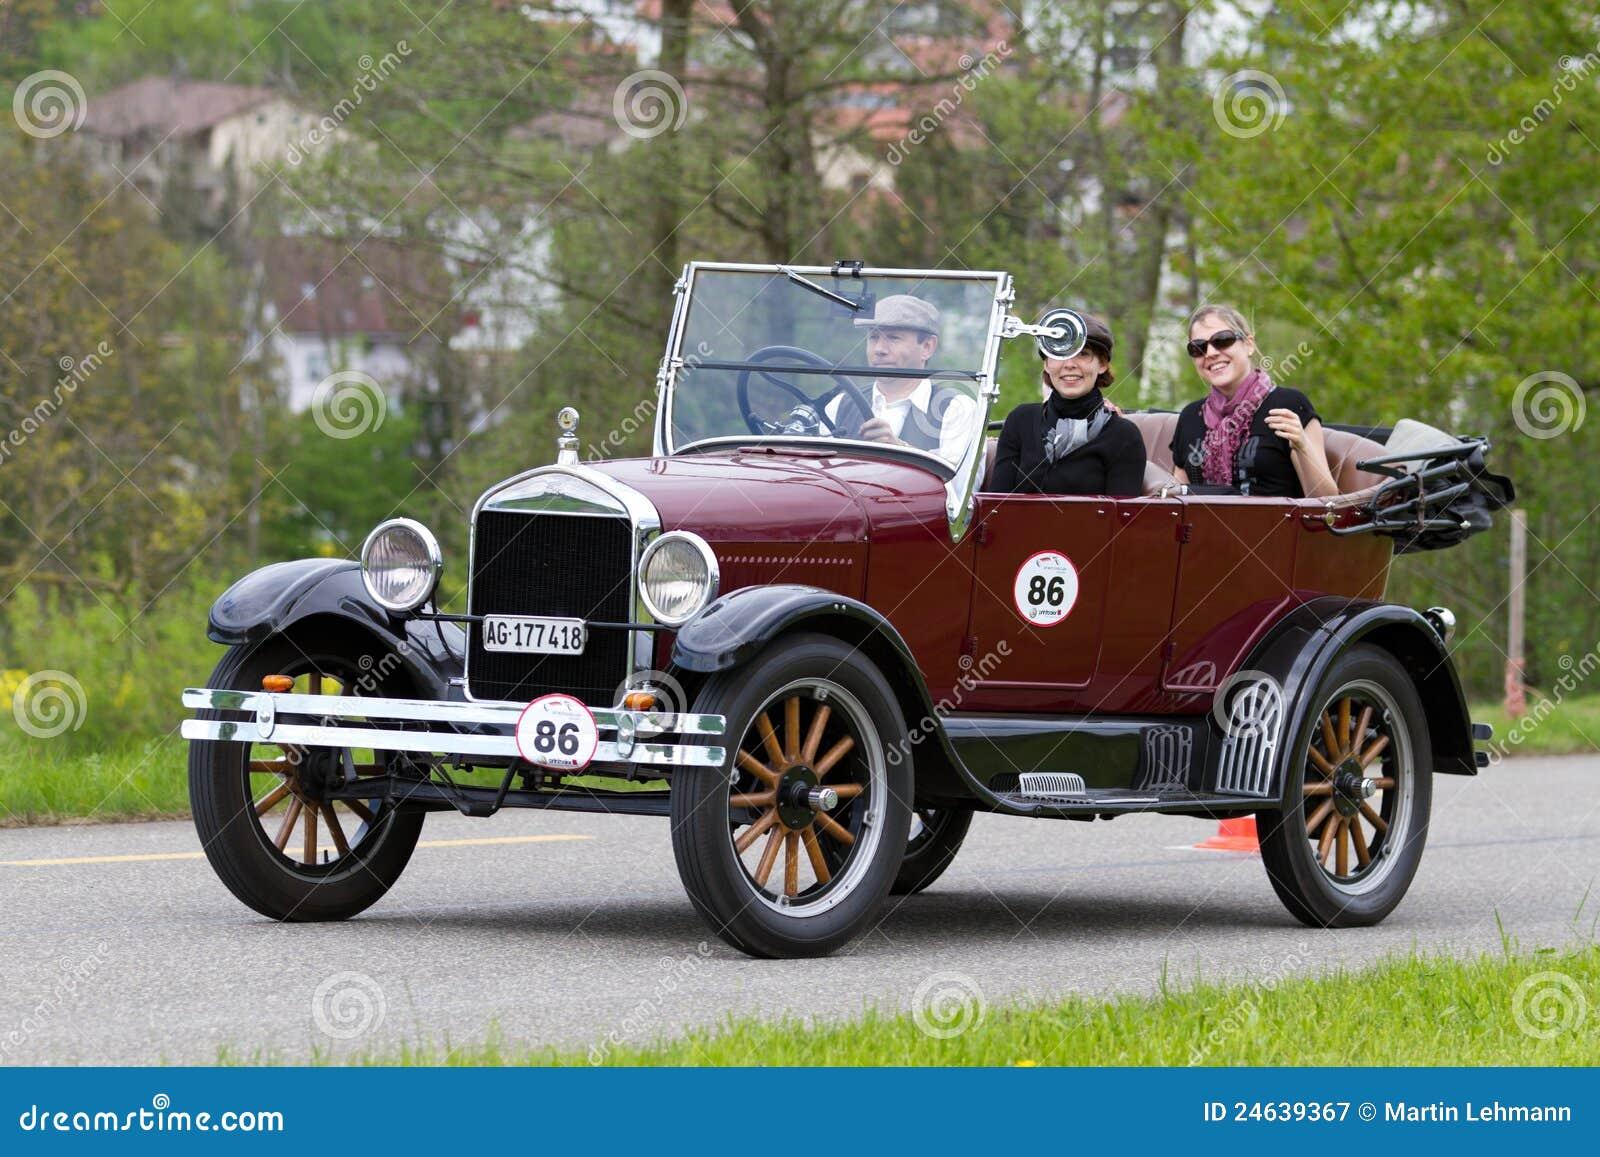 vintage pre war race car ford t tourer from 1926 editorial. Black Bedroom Furniture Sets. Home Design Ideas